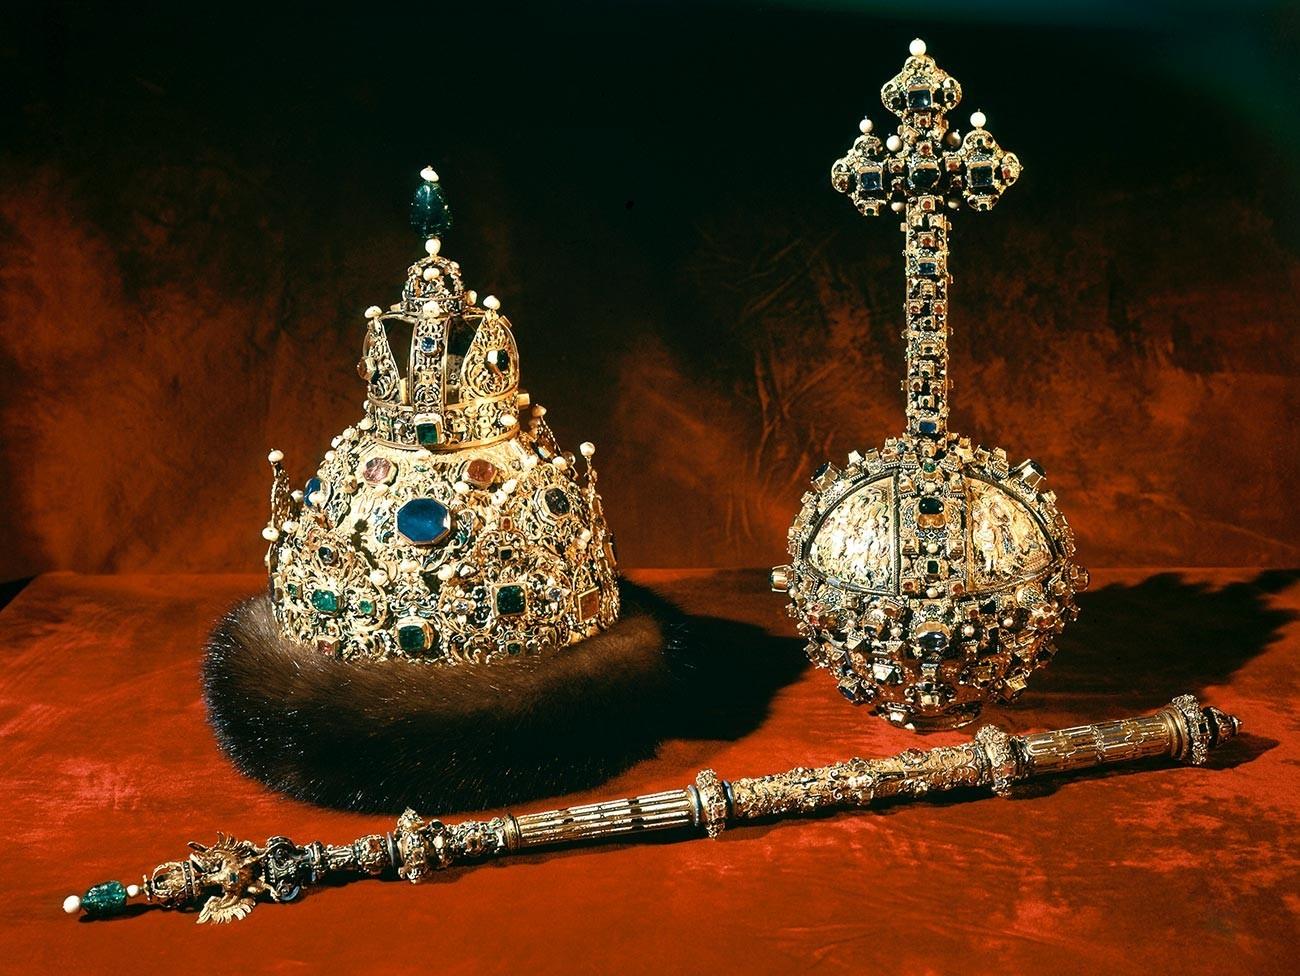 Regalia zarista rusa: la corona, el cetro y el orbe.